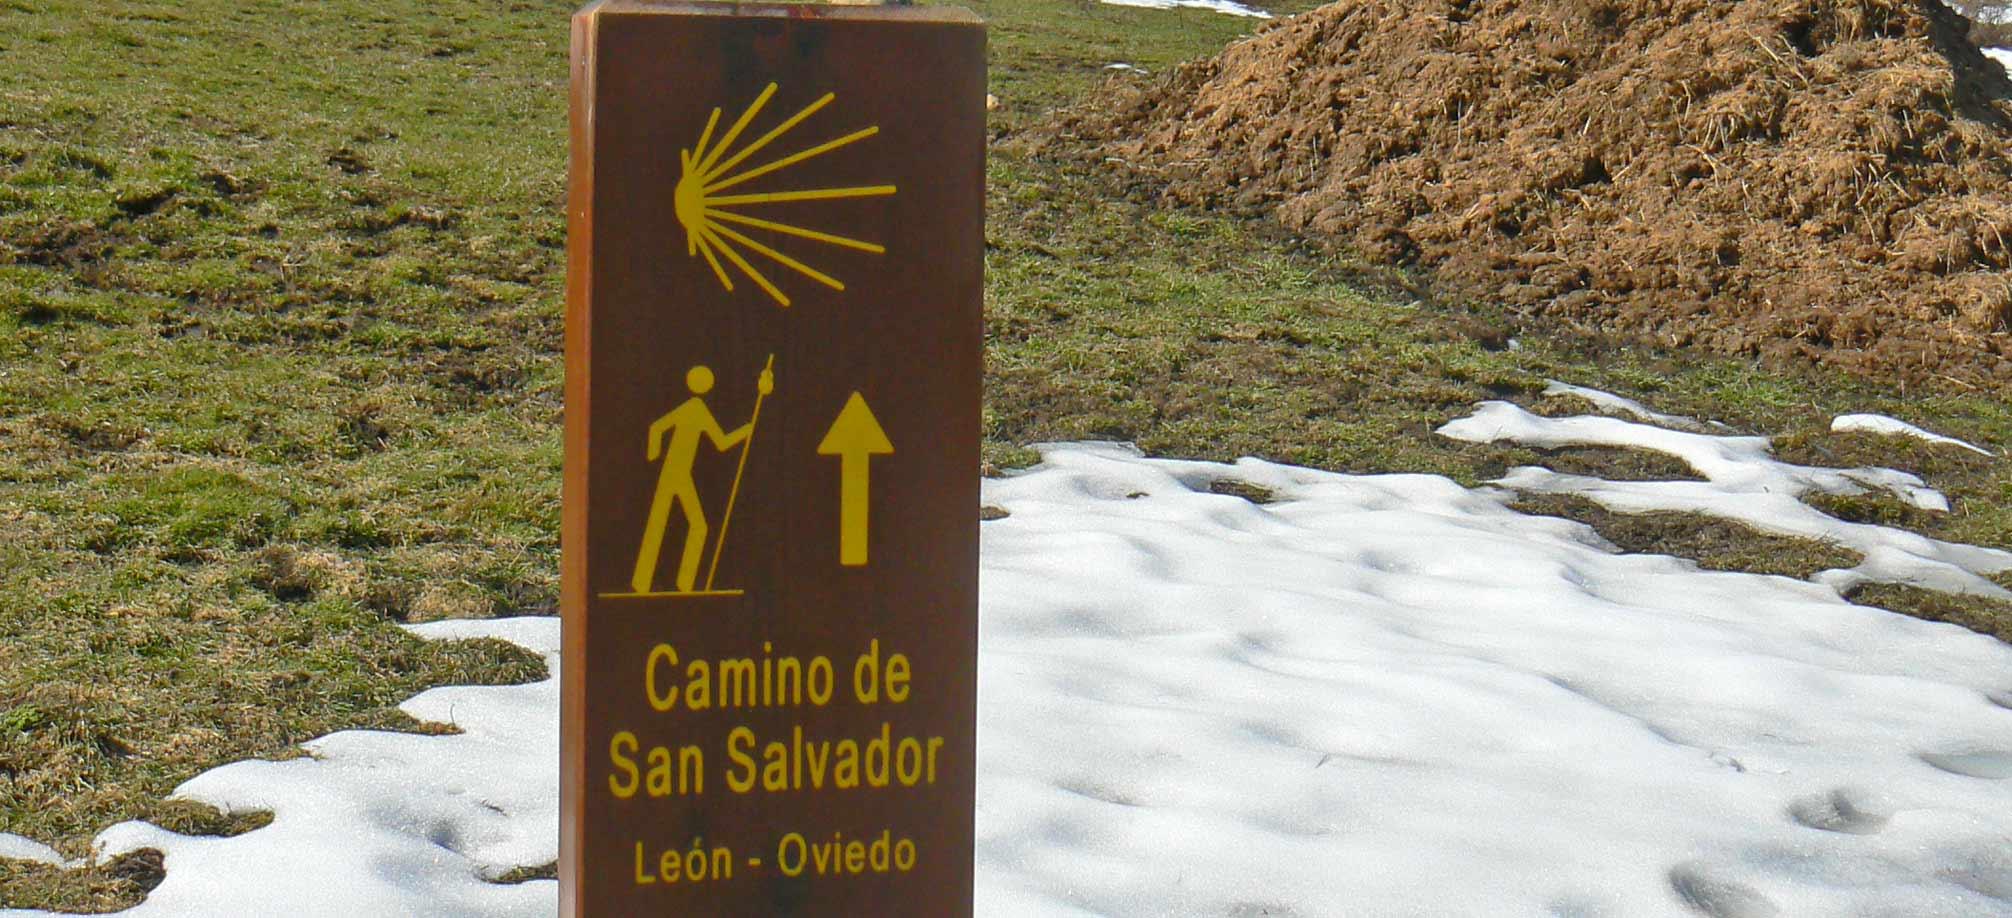 Camino del Salvador o Camino de San Salvador